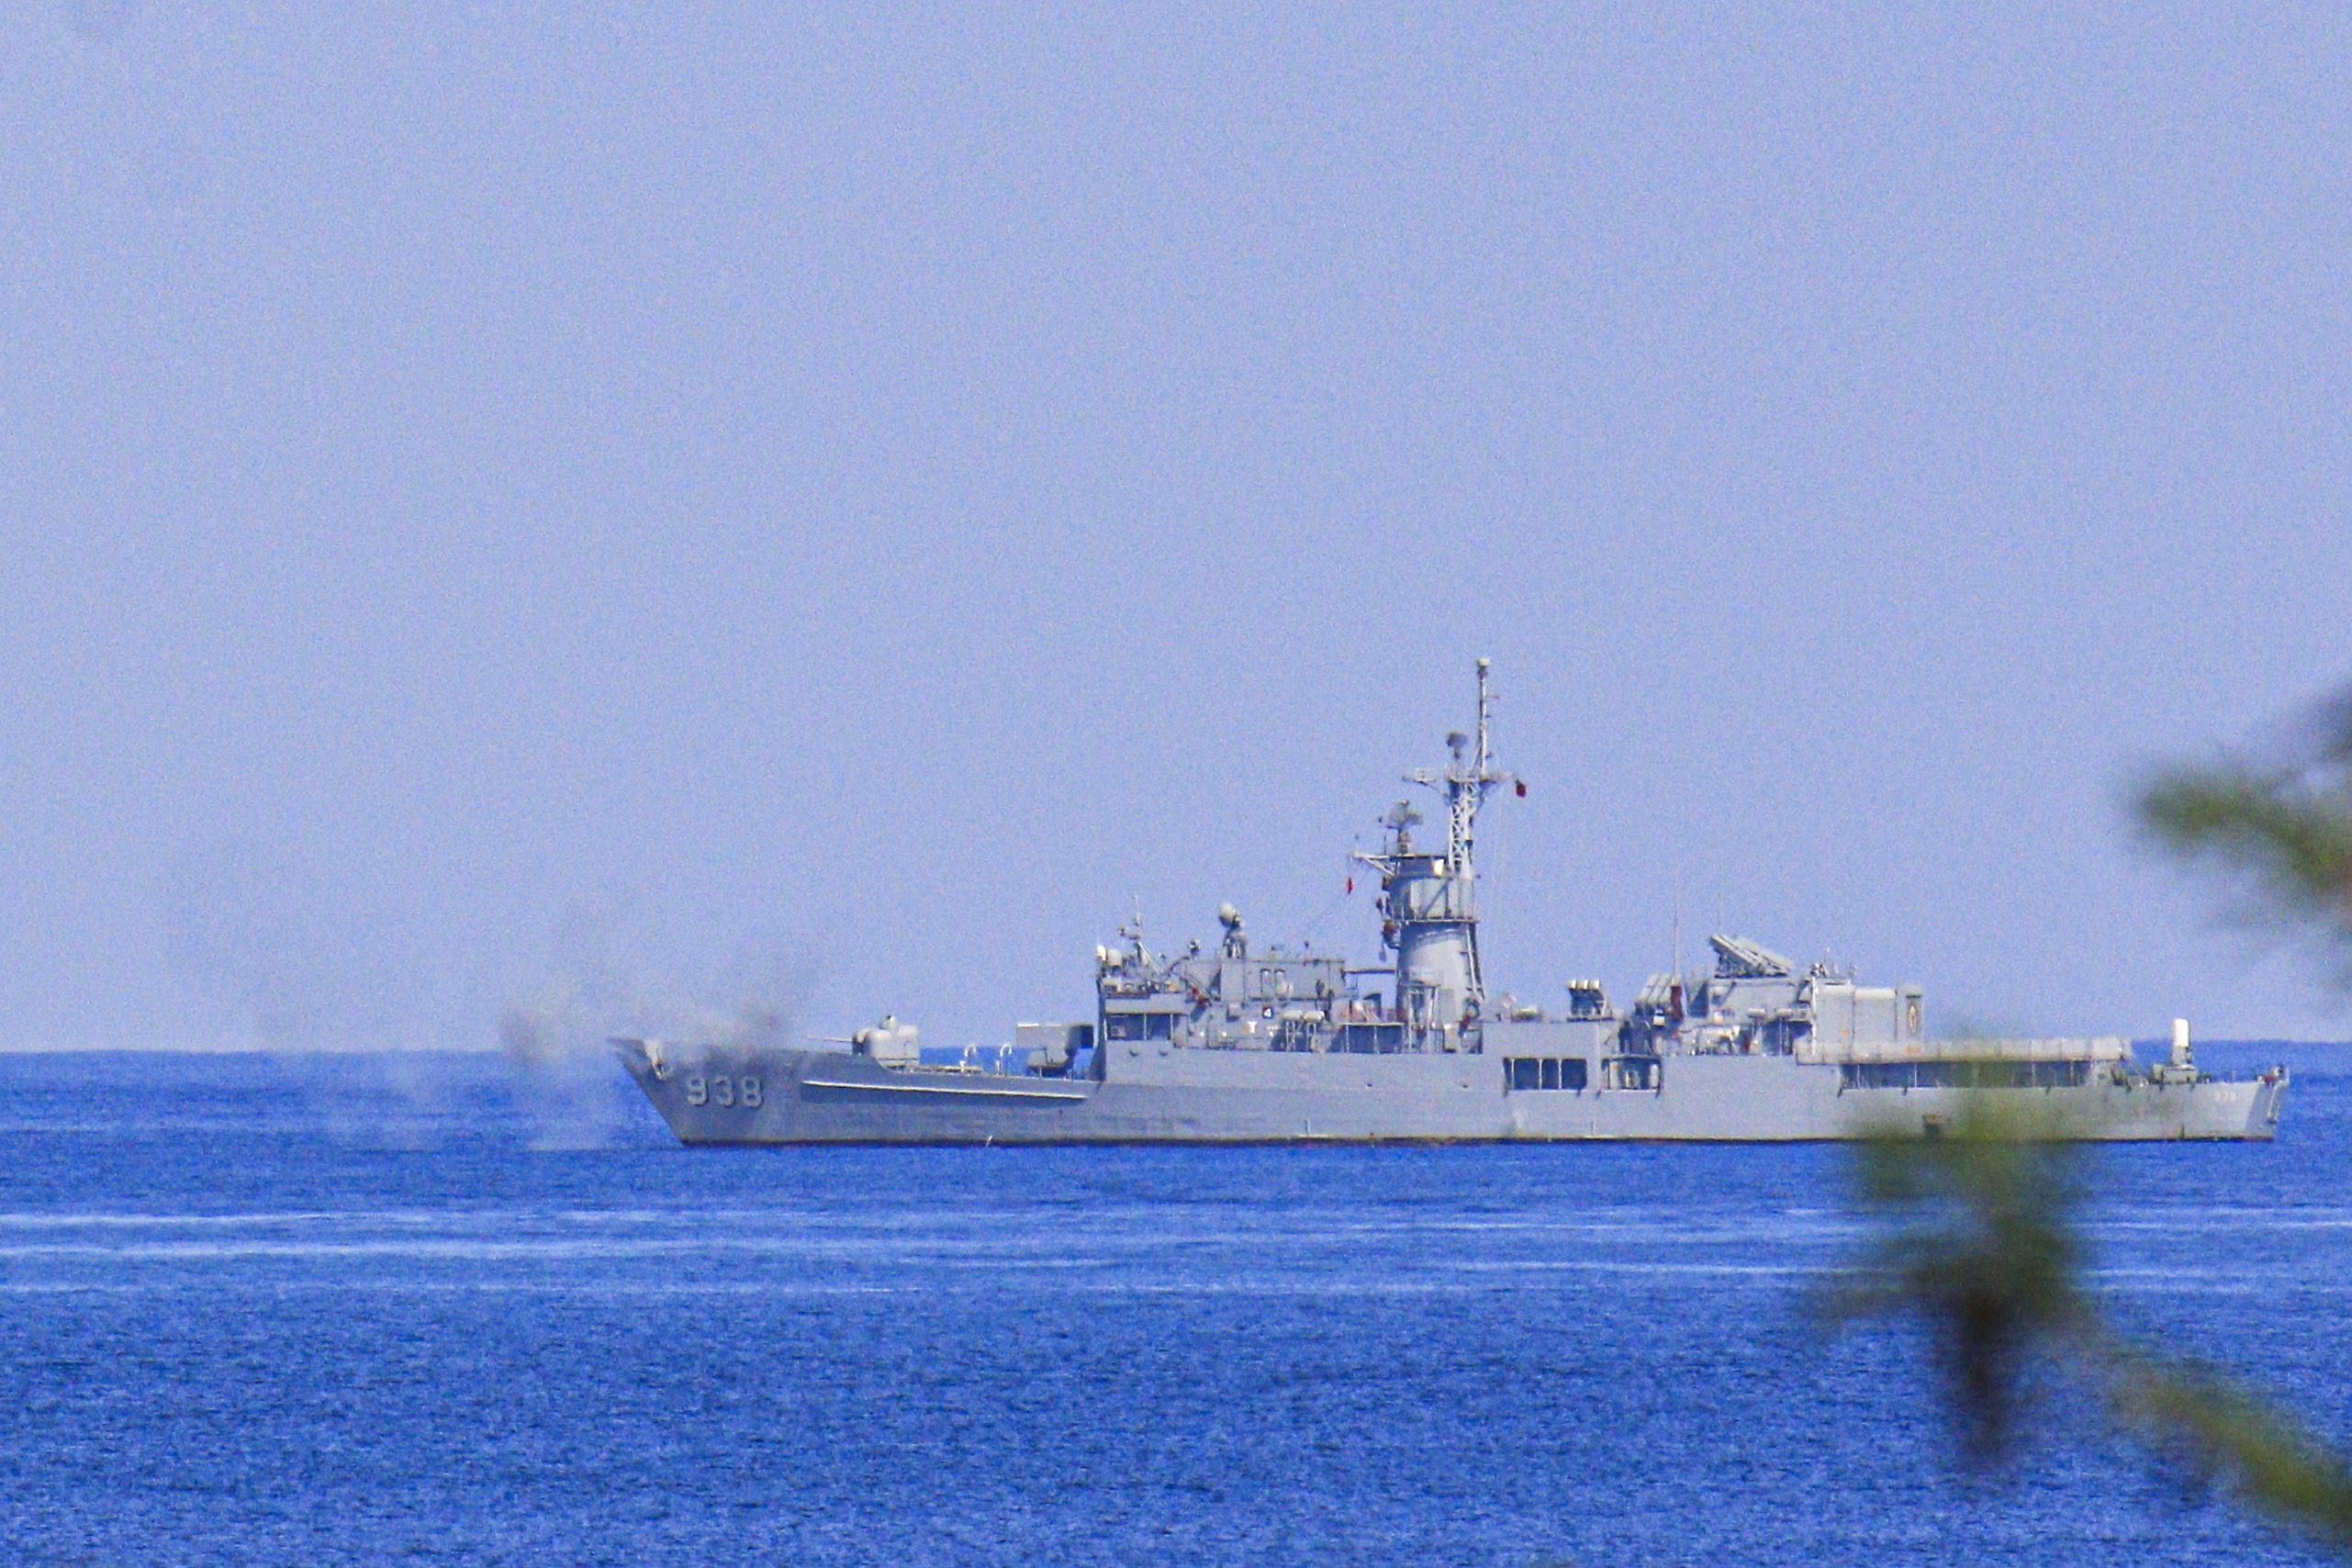 漢光卅五號演習於屏東滿豐射擊場實施,圖為FFG-938 寧陽艦(濟陽級巡防艦)。〔記者林士傑/屏東拍攝〕